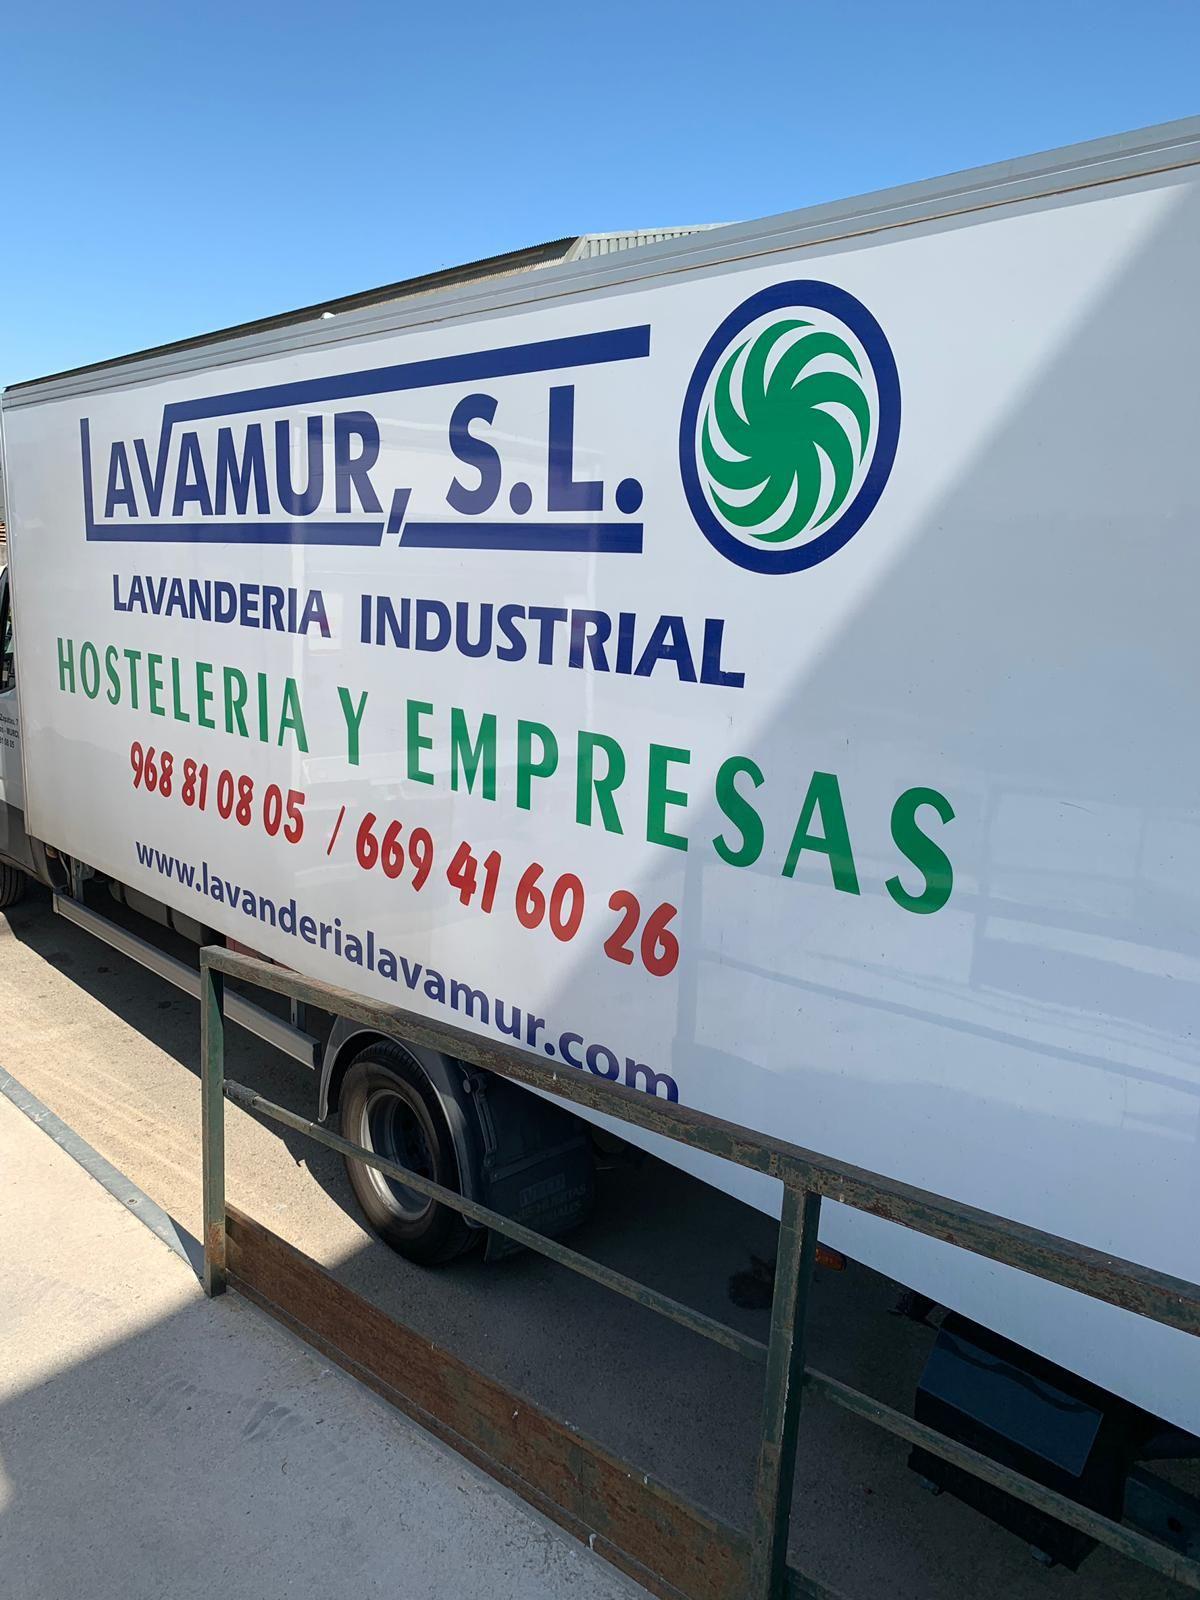 Foto 1 de Lavanderías industriales en Llano de Brujas | Lavamur